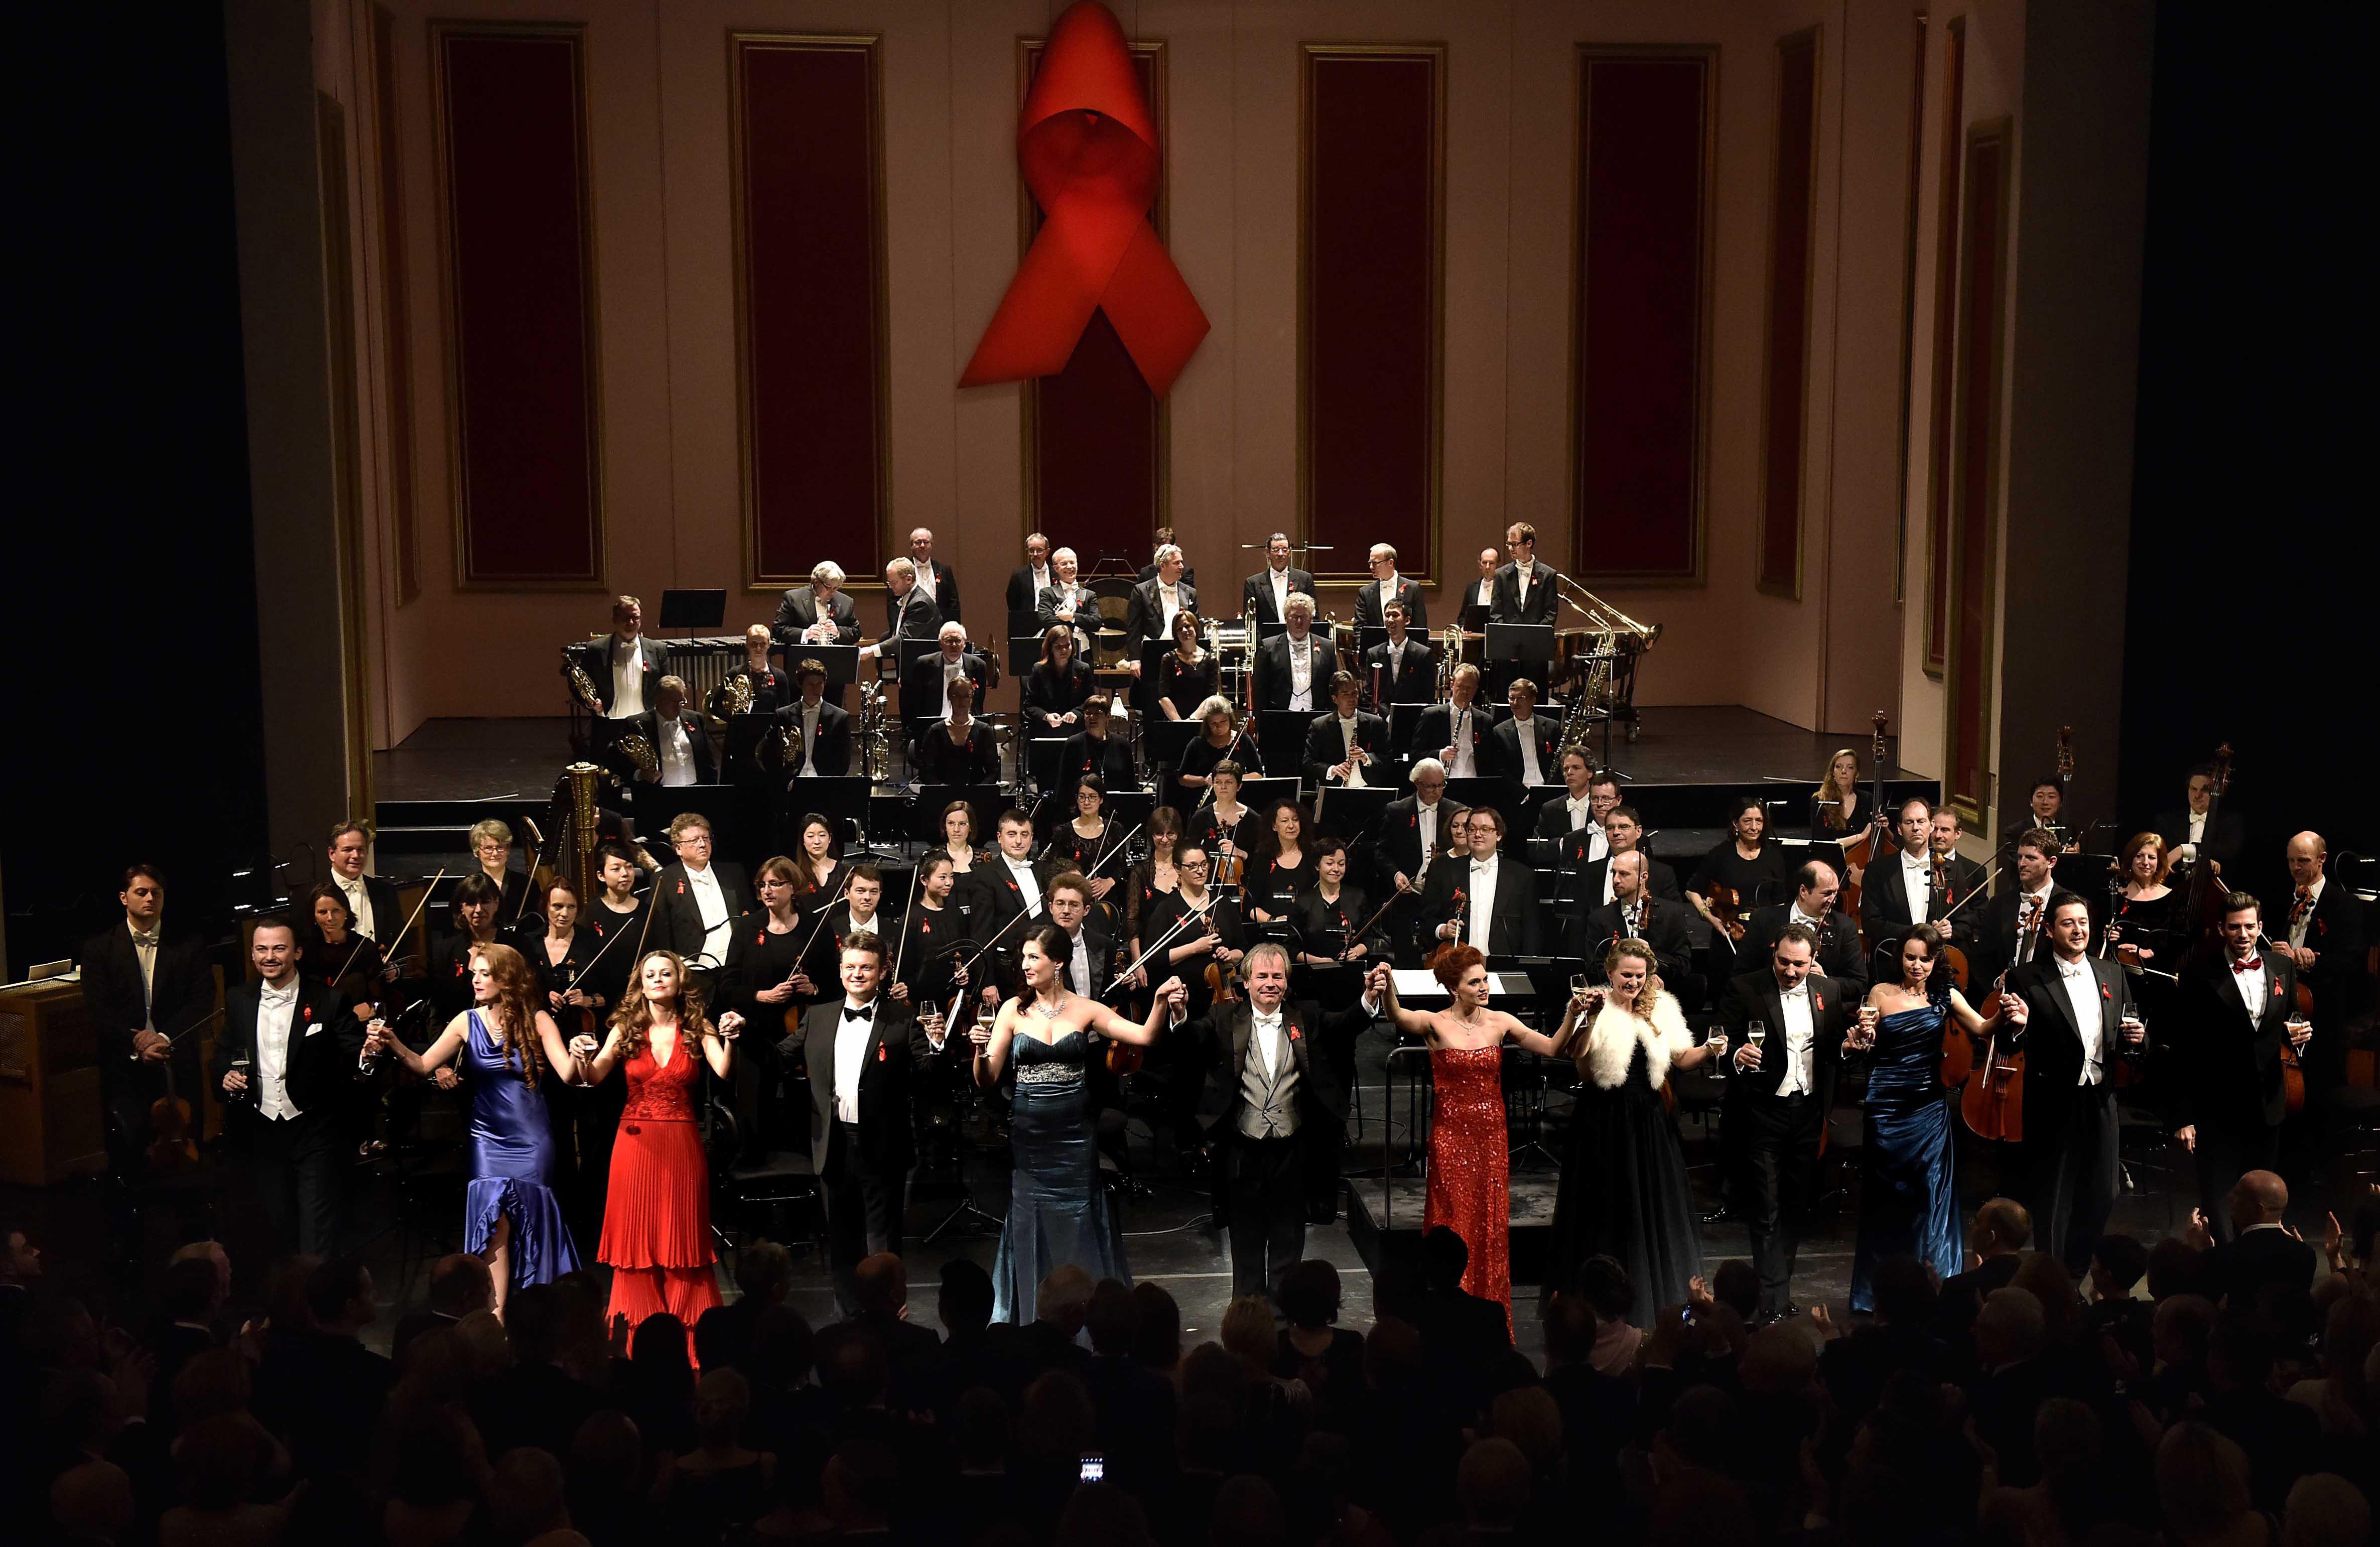 Reinerlös von mehr als 160.000 Euro für die Deutsche AIDS-Stiftung (Foto: Paul Esser)